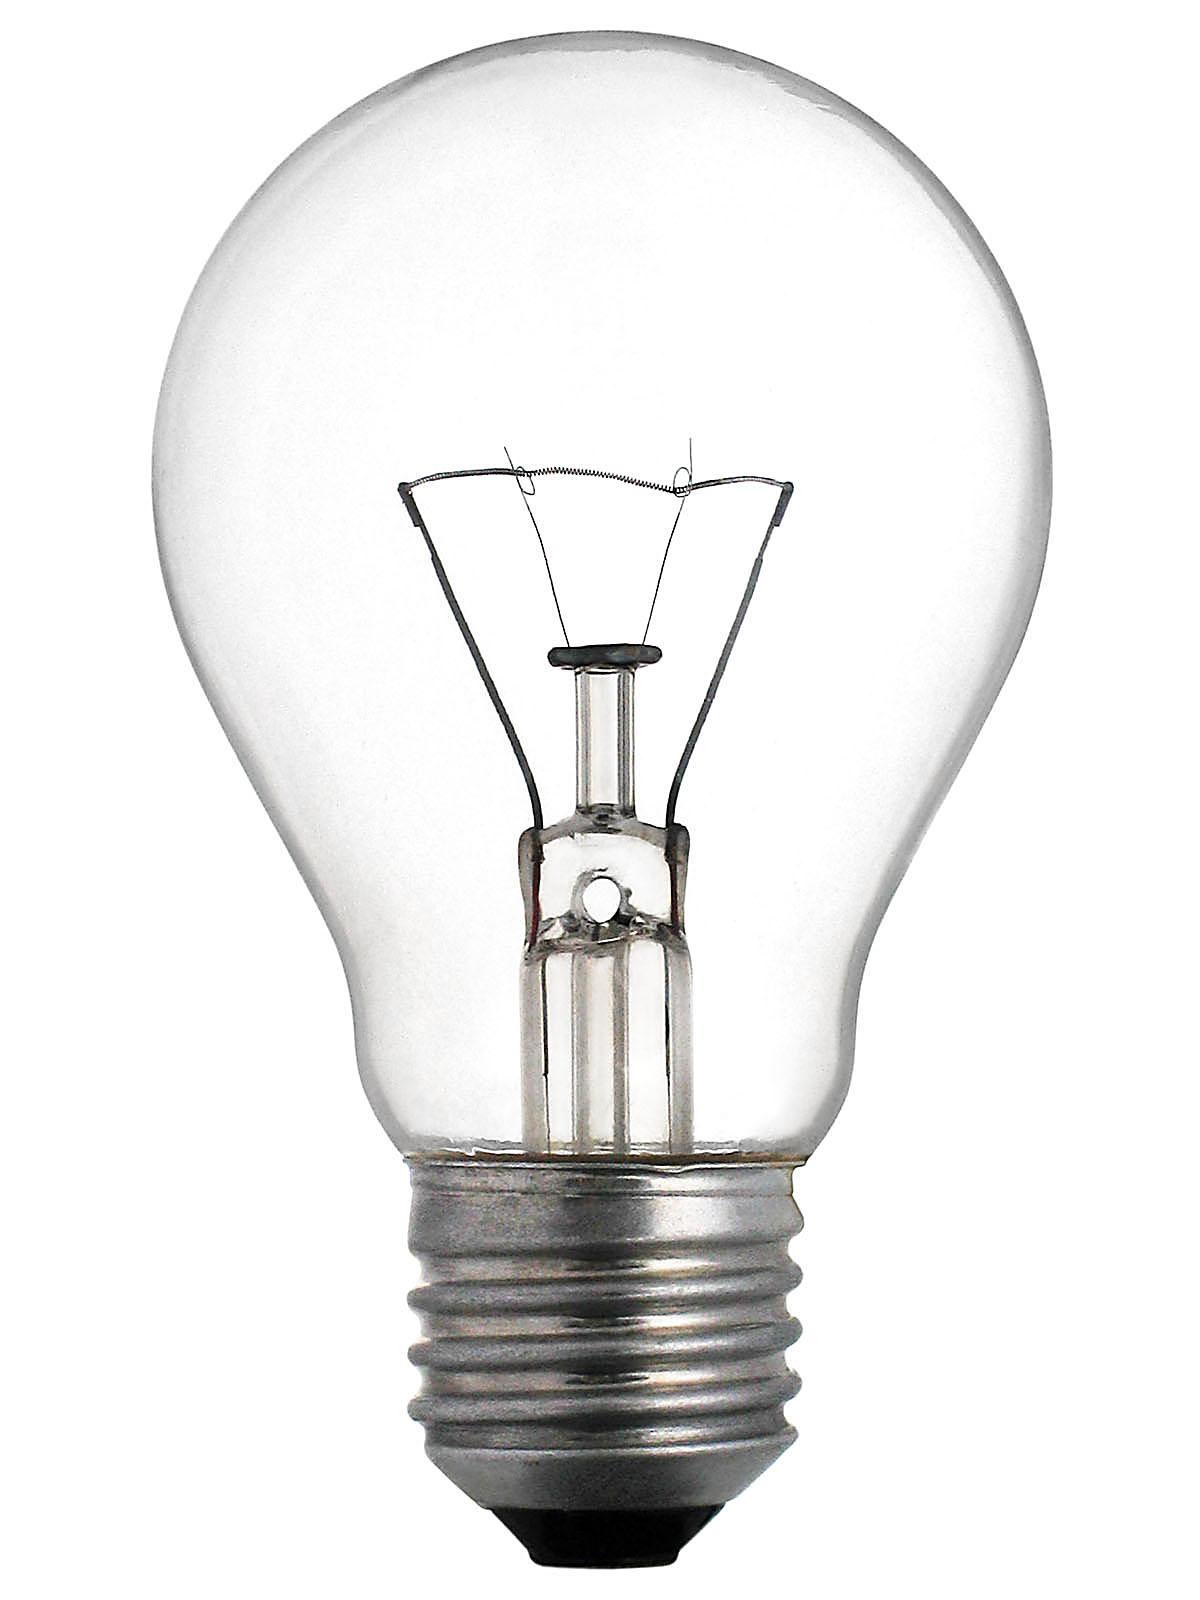 Купить Лампа накаливания 220В Е27, мощность 300 Вт — Фото №1